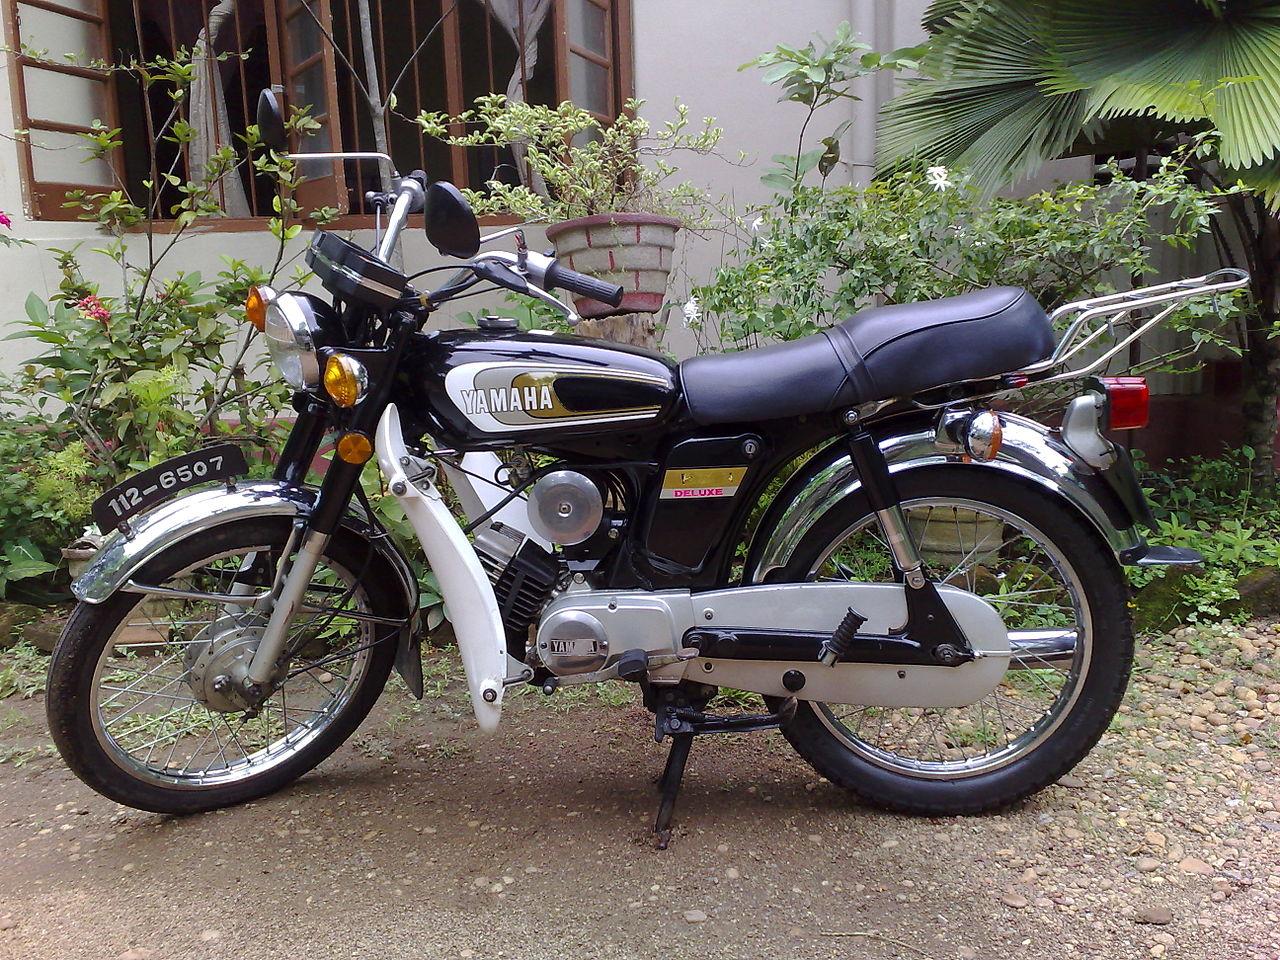 Yamaha Motorcycle Credit Card